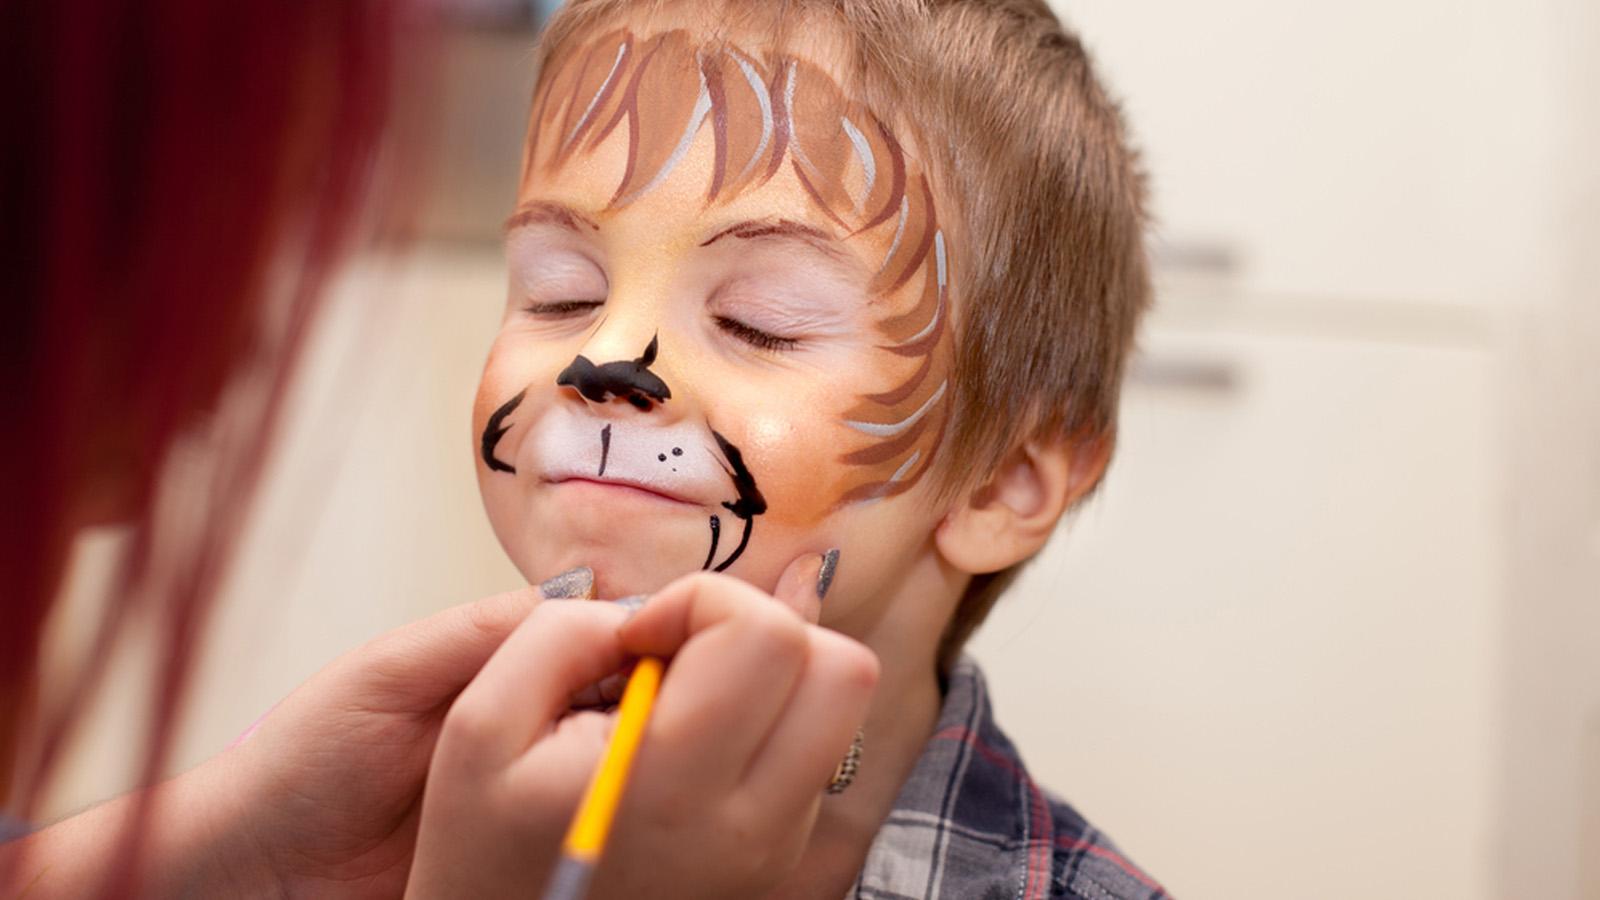 Maquillaje De Carnaval Para Niños Seguro Ocu